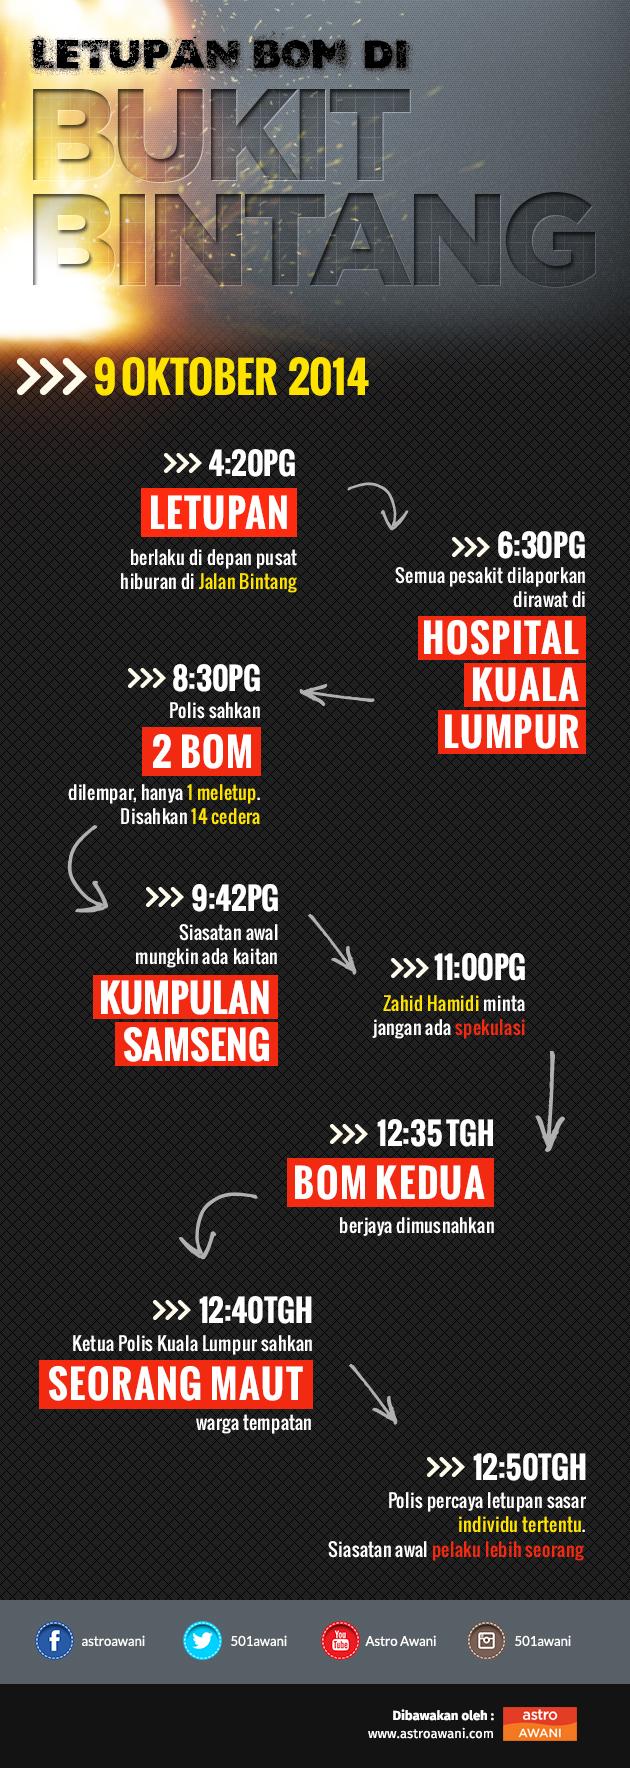 Perdana Menteri Datuk Seri Najib Tun Razak akan membentangkan Bajet 2015 di Dewan Rakyat pada 4 petang ini, bajet terakhir dalam RMK-10.